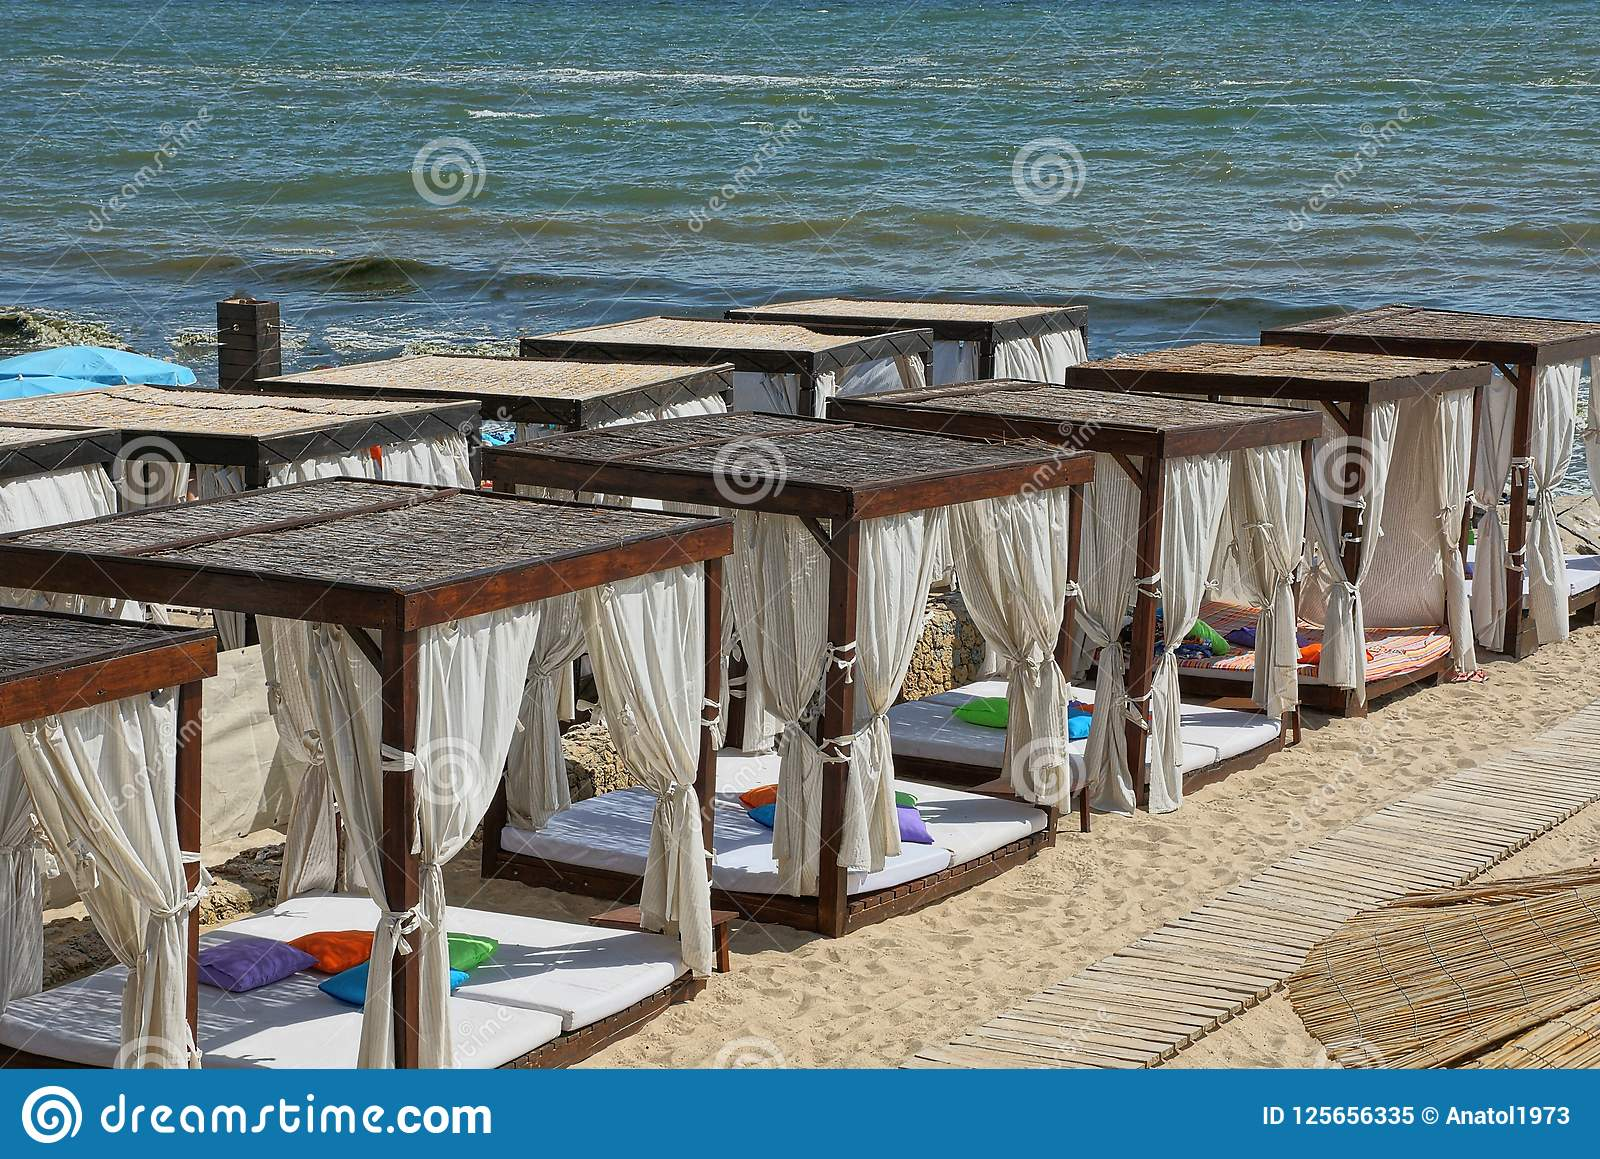 Μια σειρά των καφετιών ανοικτών περίπτερων με τις άσπρες κουρτίνες στην άμμο παραλιών κοντά στη θάλασσα